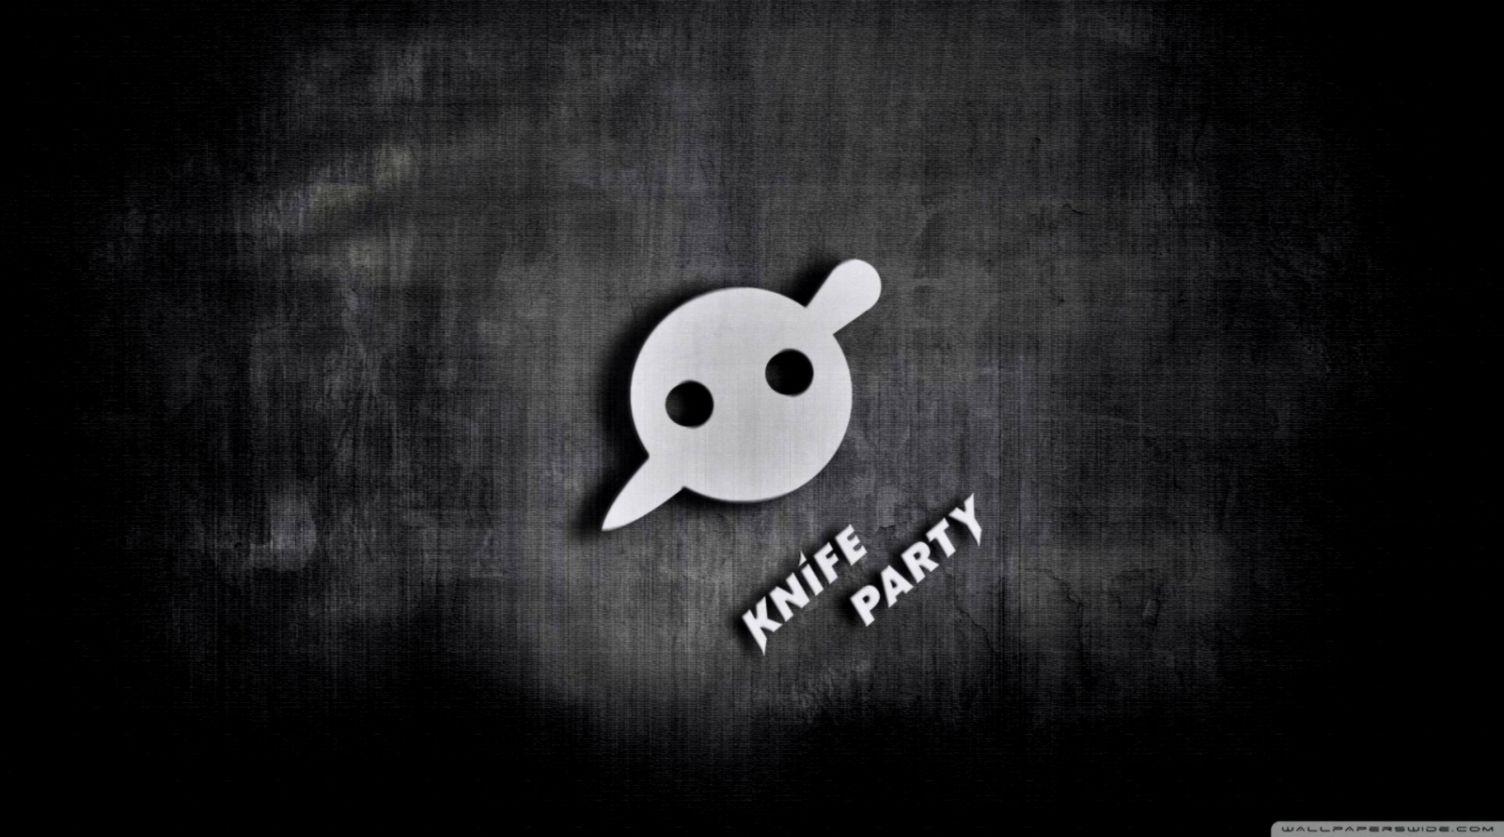 knife party hd wallpaper ucox wallpapersknifeparty ❤ 4k hd desktop wallpaper for 4k ultra hd tv \u2022 wide